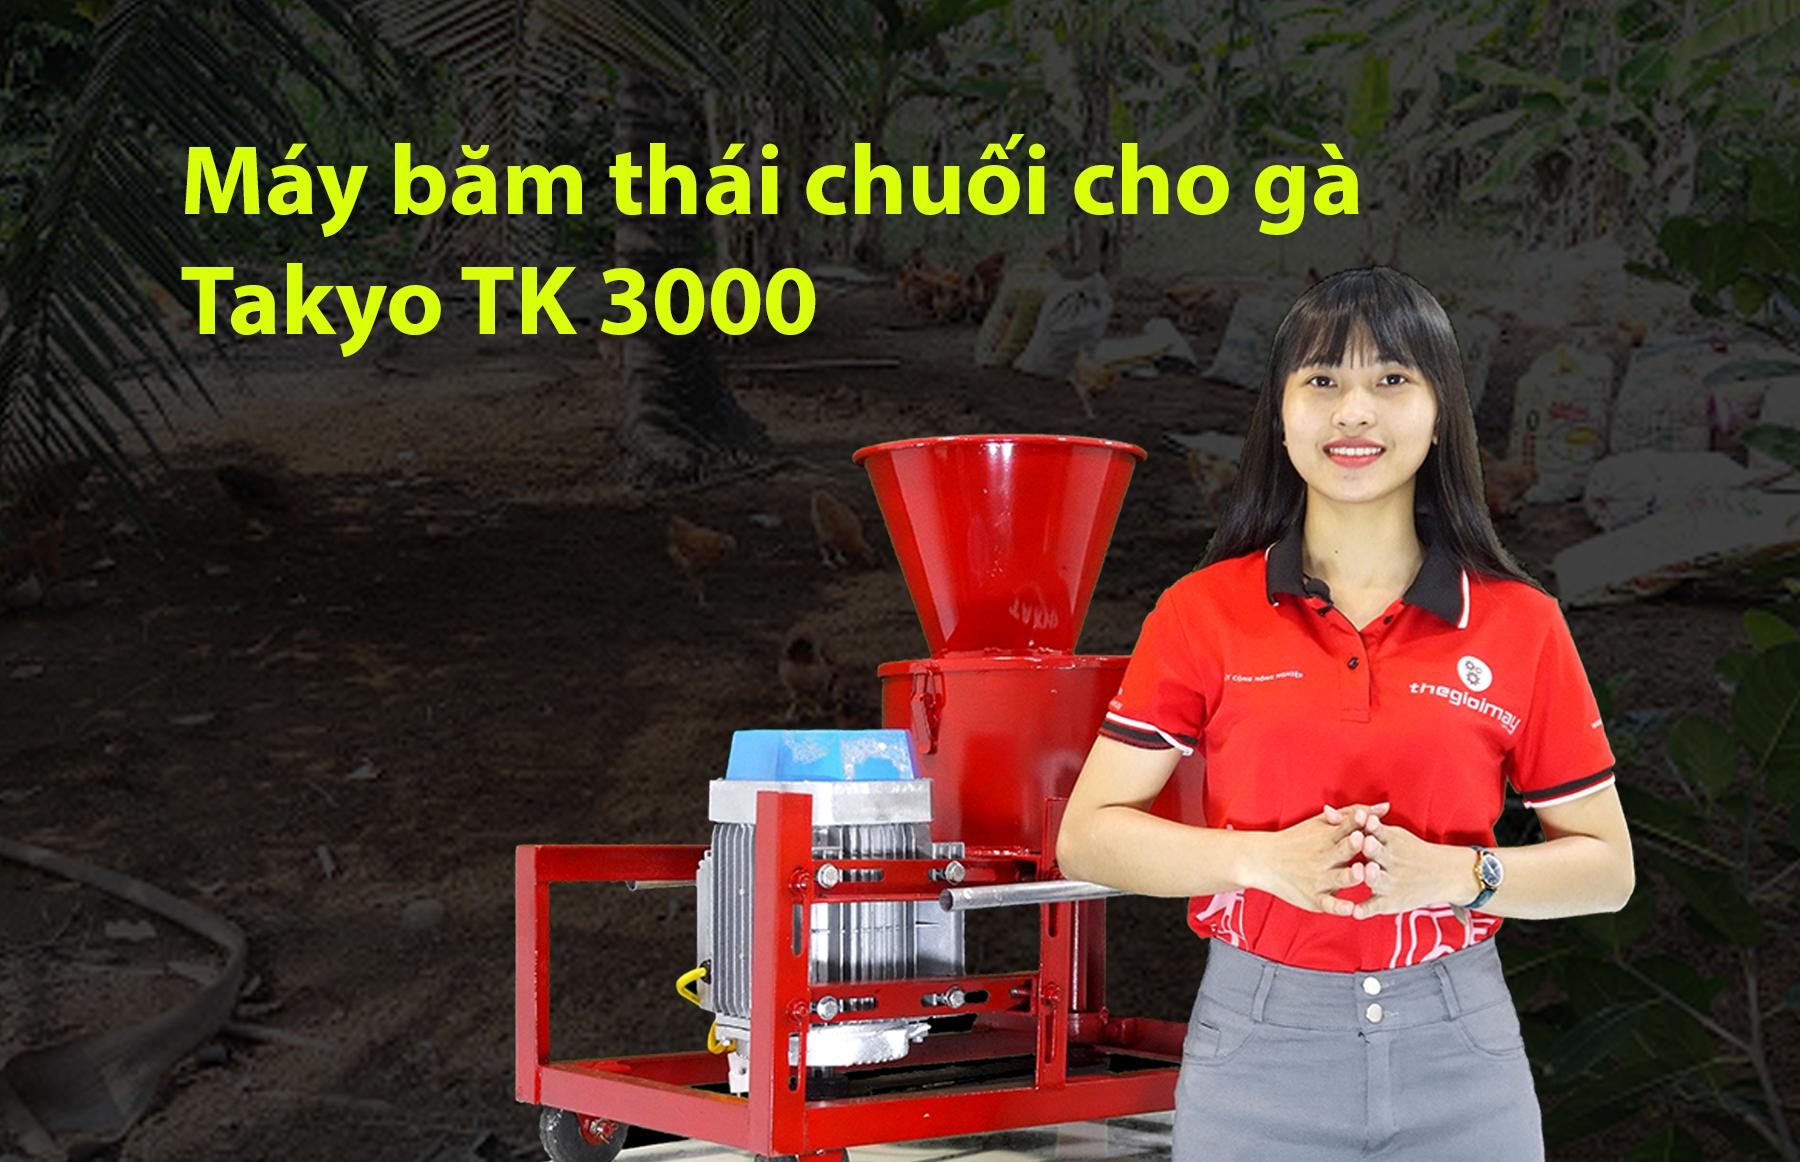 Giao máy băm chuối nhuyễn cho gà công suất mạnh cho khách l Máy băm chuối Takyo TK 3000